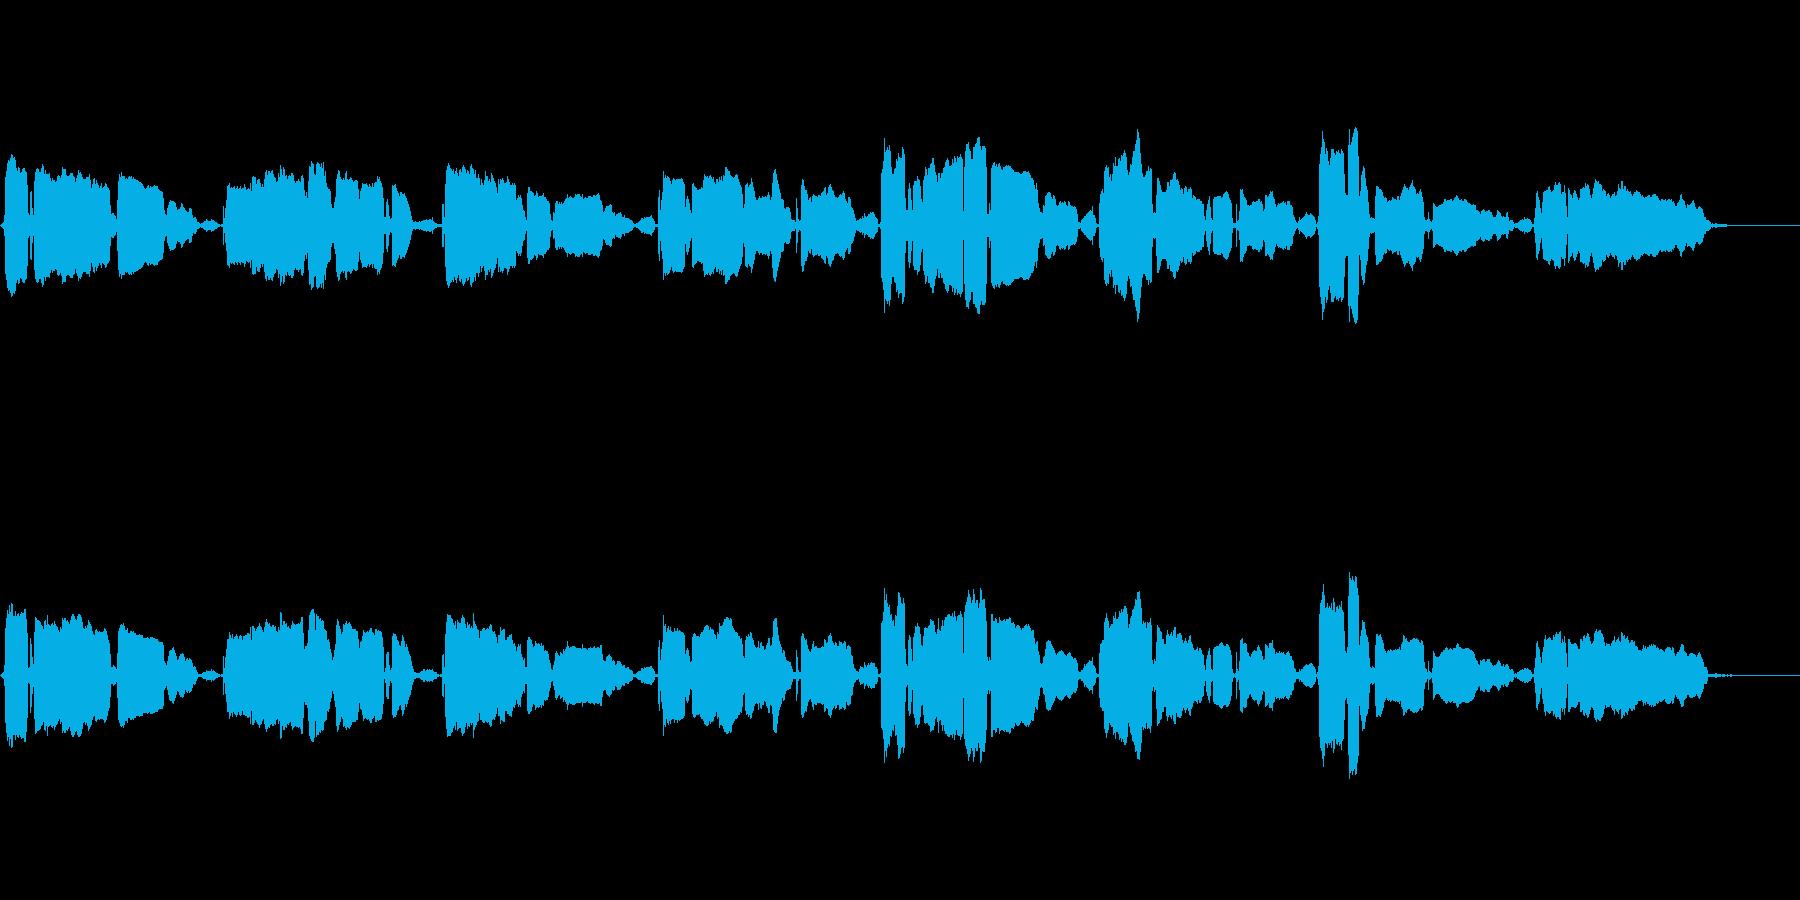 もみじ アカペラ ハスキーで繊細な歌声の再生済みの波形